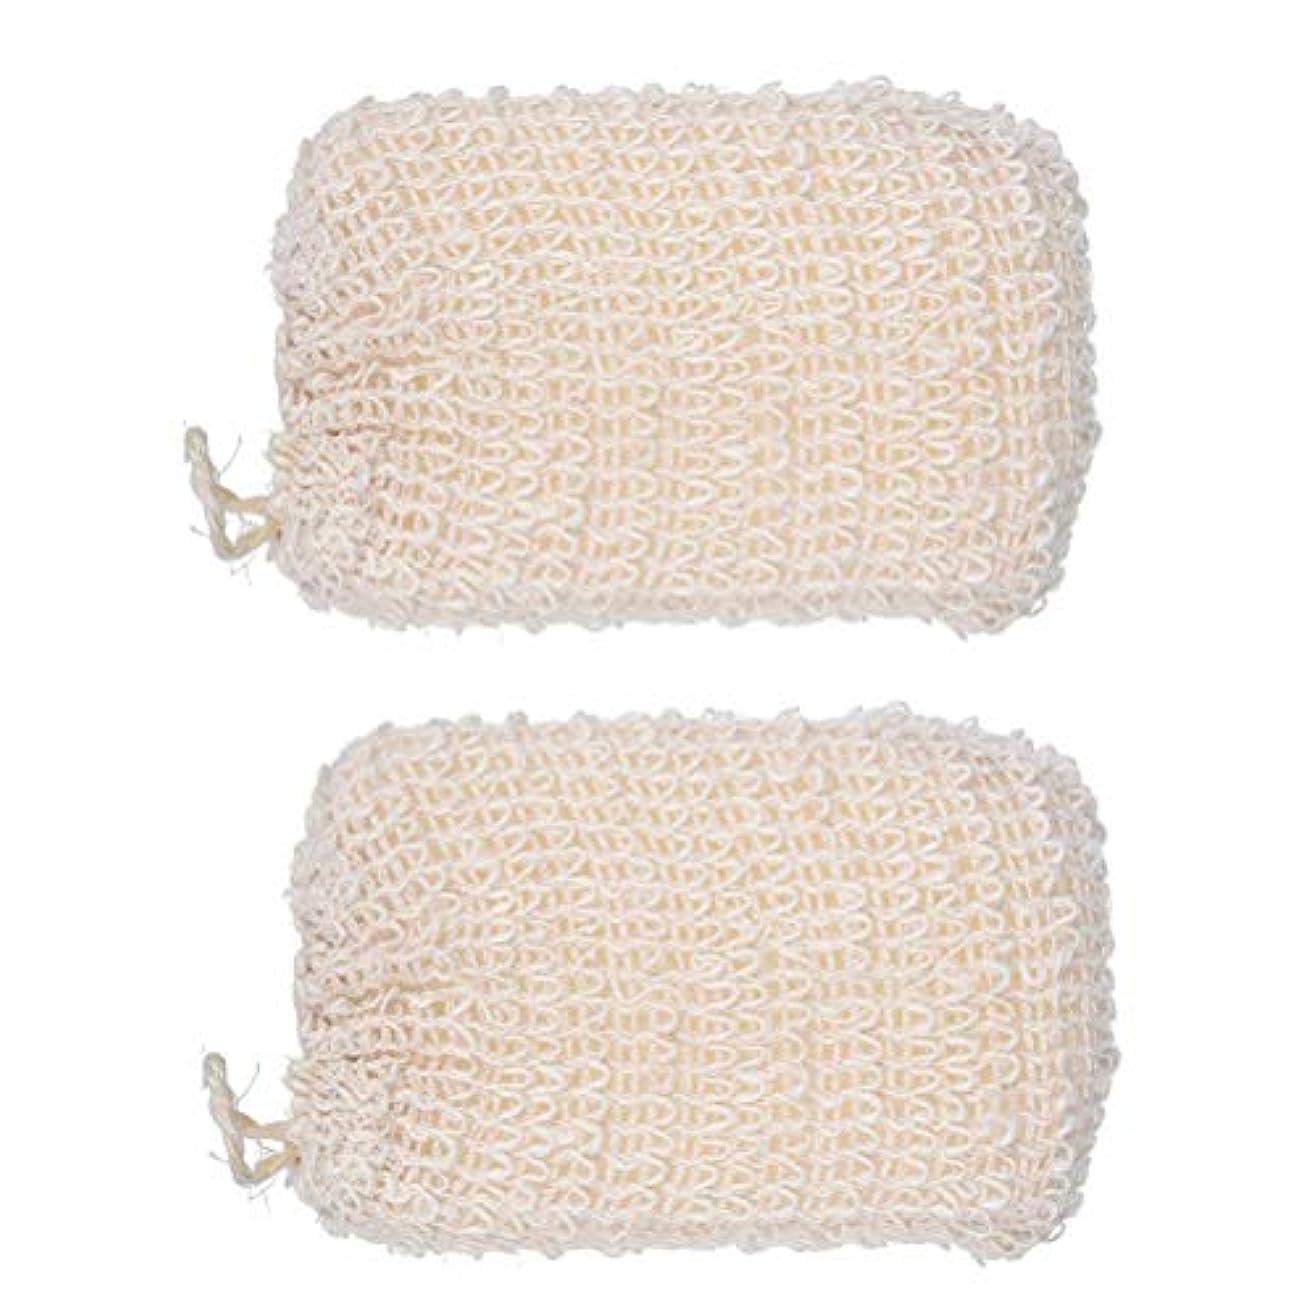 未就学取るオプショナルBeaupretty 2ピース風呂スポンジ植物綿とリネン風呂ブラシ柔らかい風呂スポンジスクラバー用女性赤ちゃん子供(ベージュ)